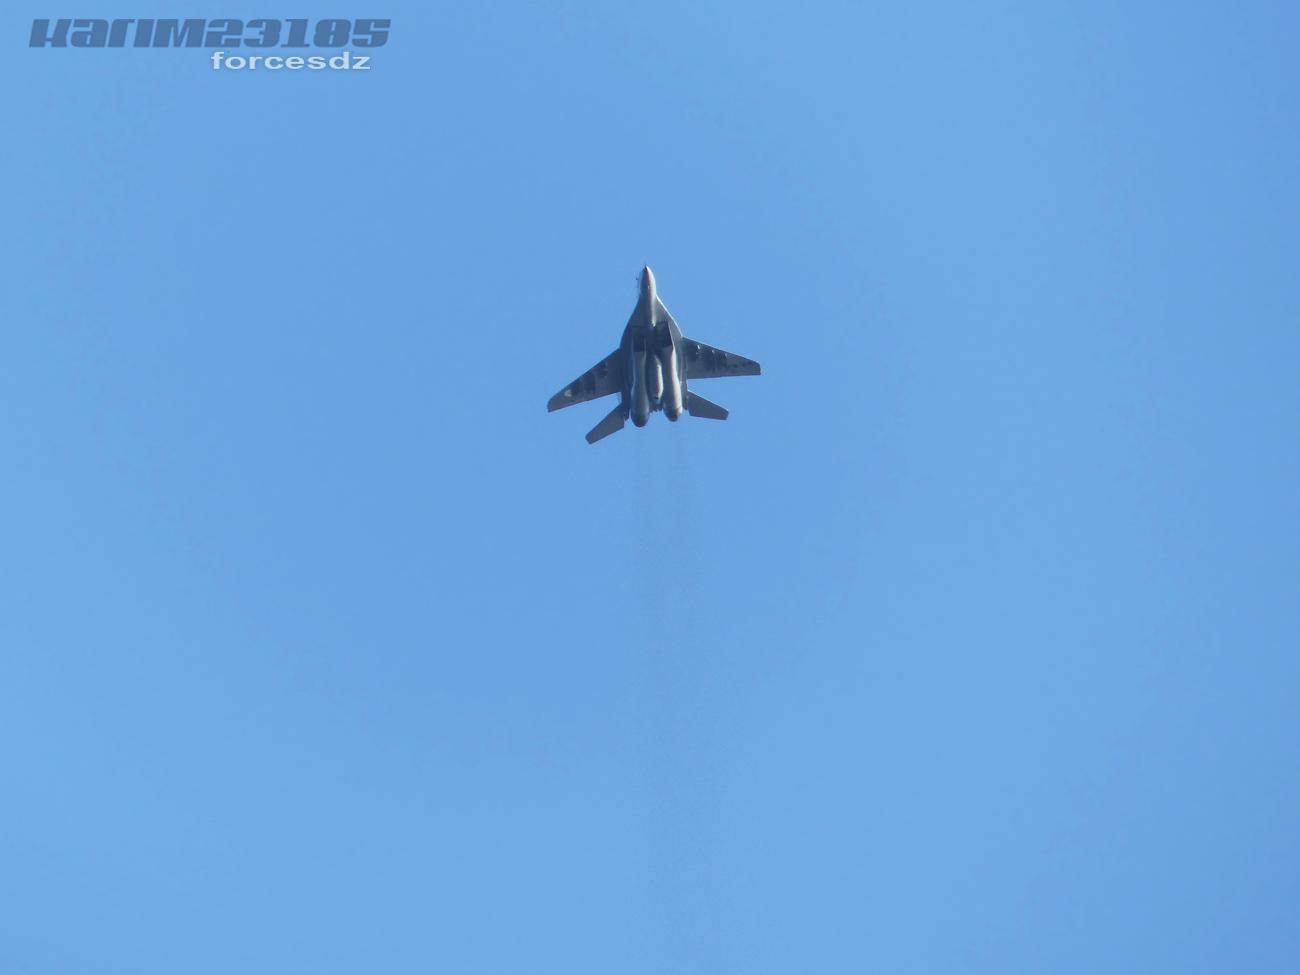 صور طائرات القوات الجوية الجزائرية  [ MIG-29S/UB / Fulcrum ] 4